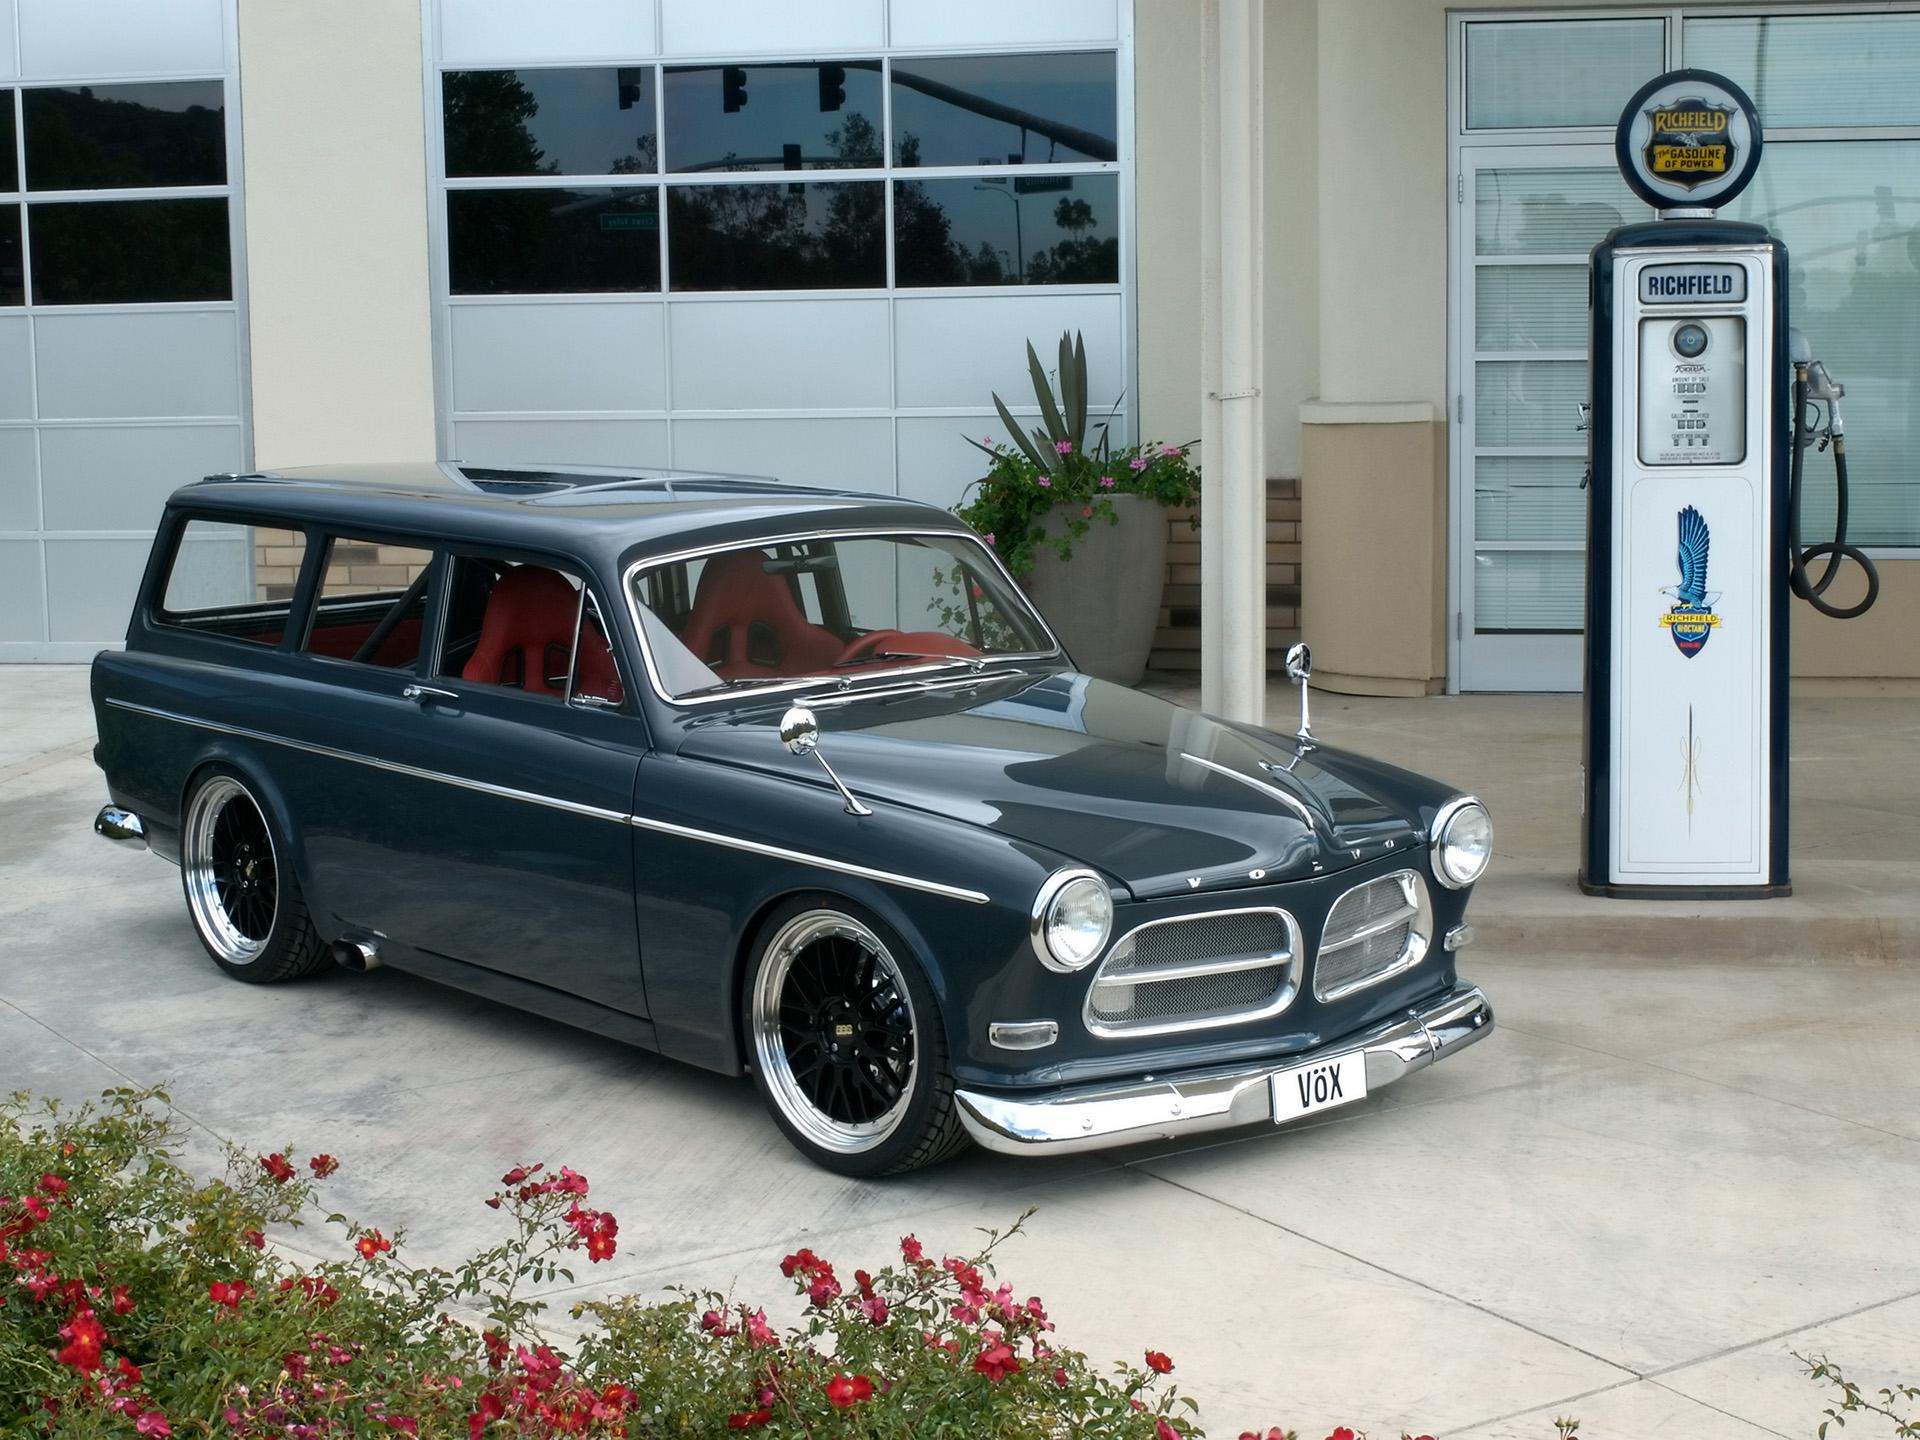 1967 Volvo Wagon 1920x1440 Wallpaper Teahub Io